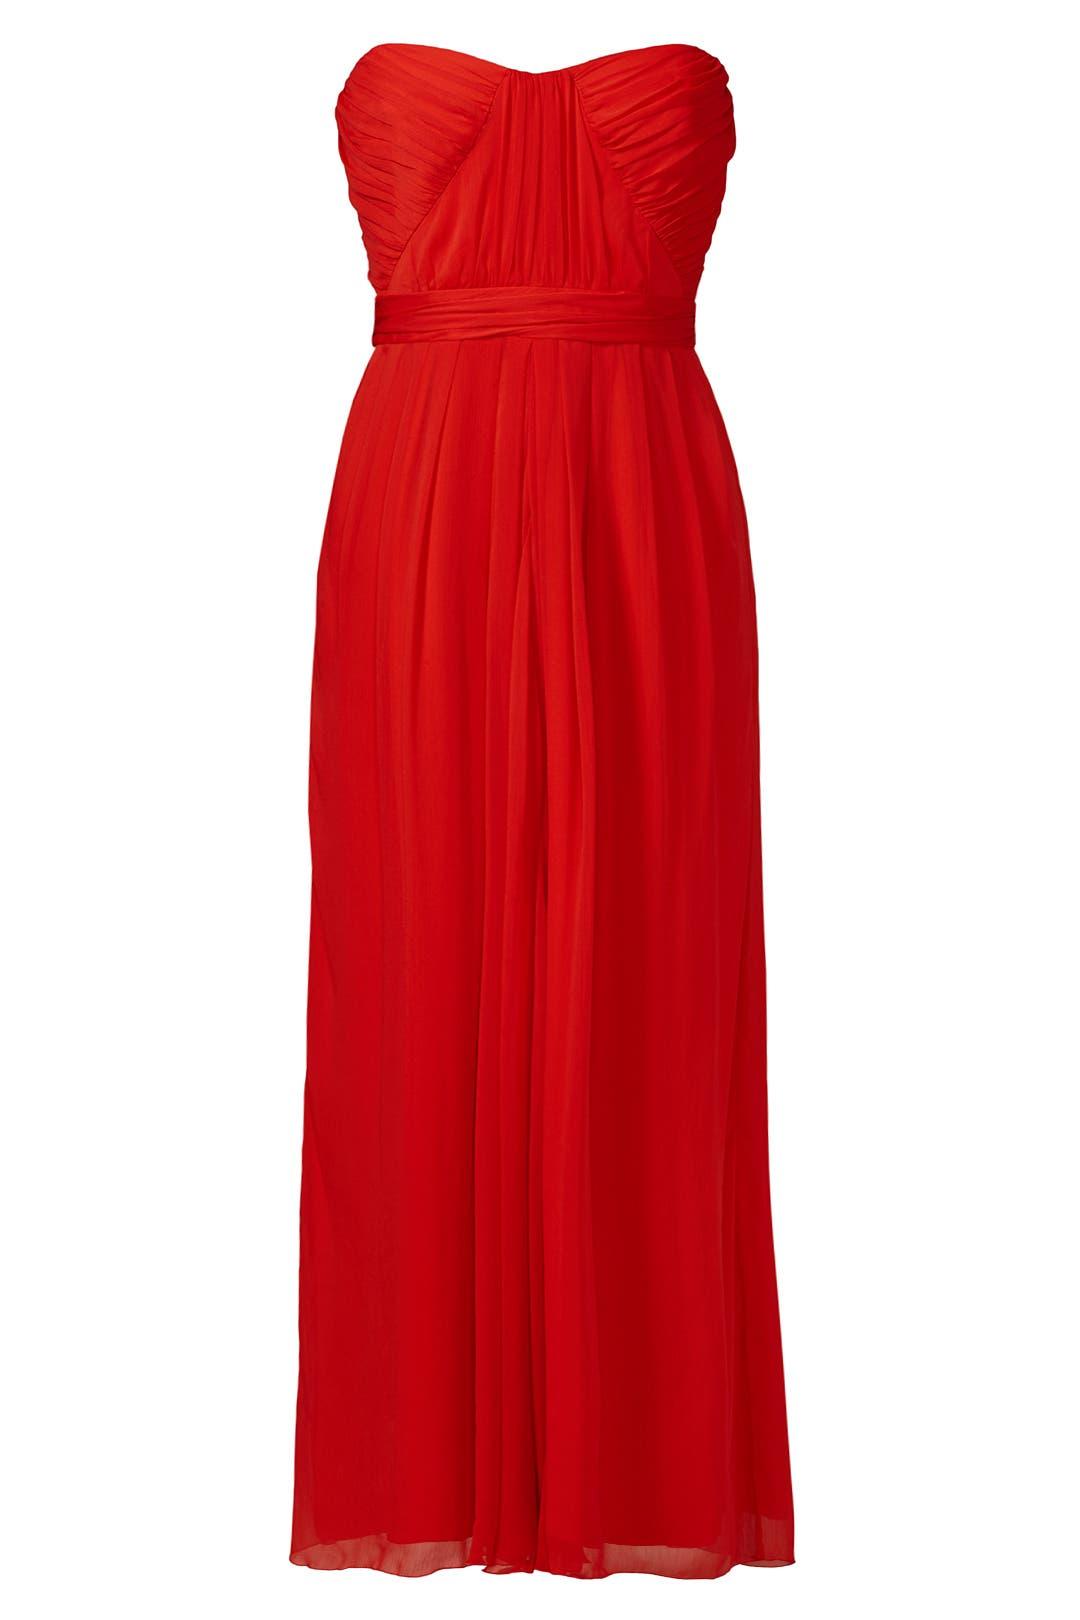 Lipstick Red Gown by Badgley Mischka